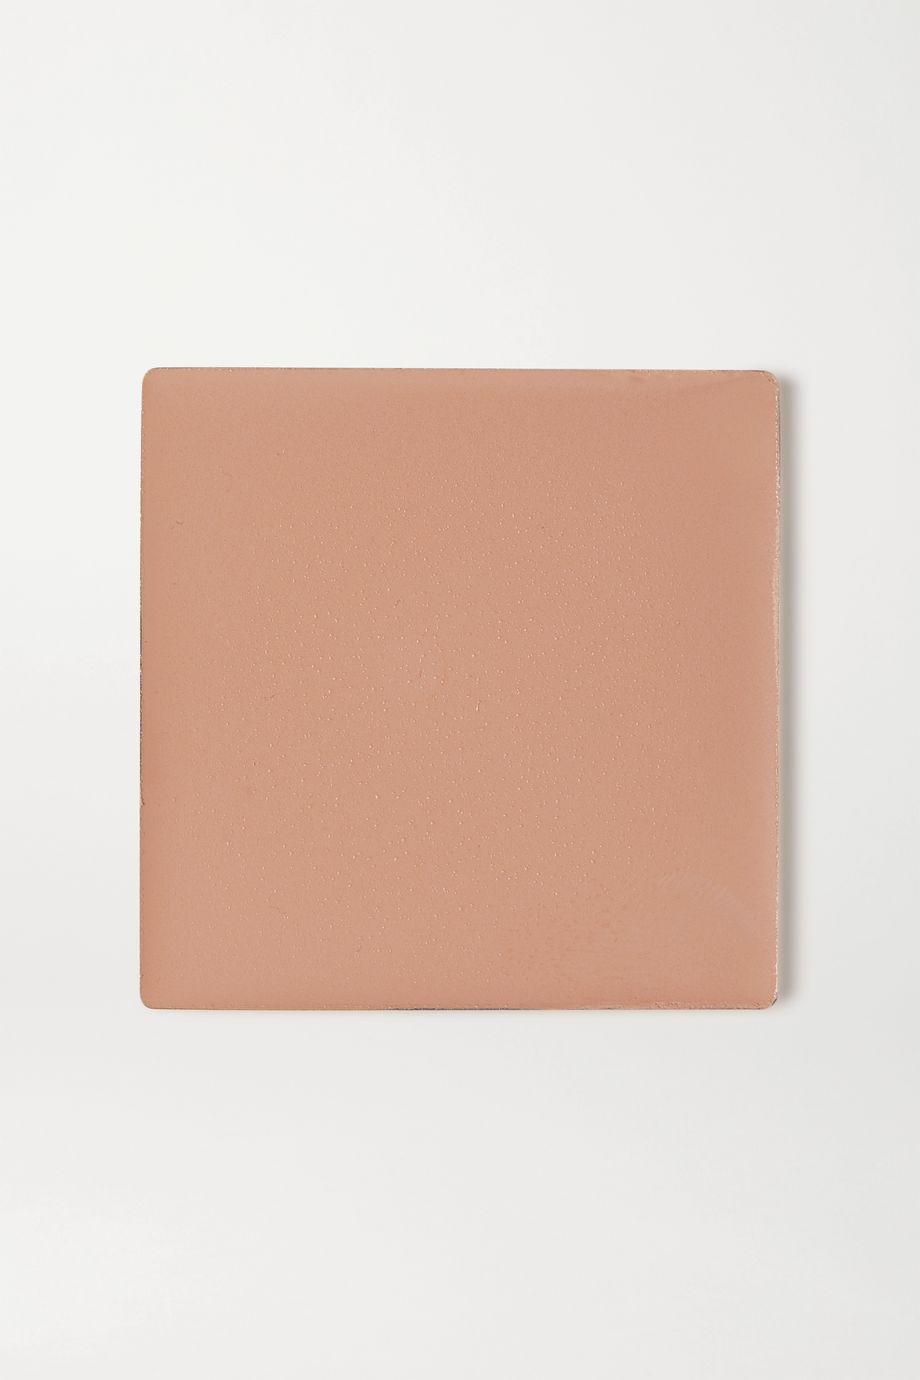 Kjaer Weis Cream Foundation Refill - Lightness